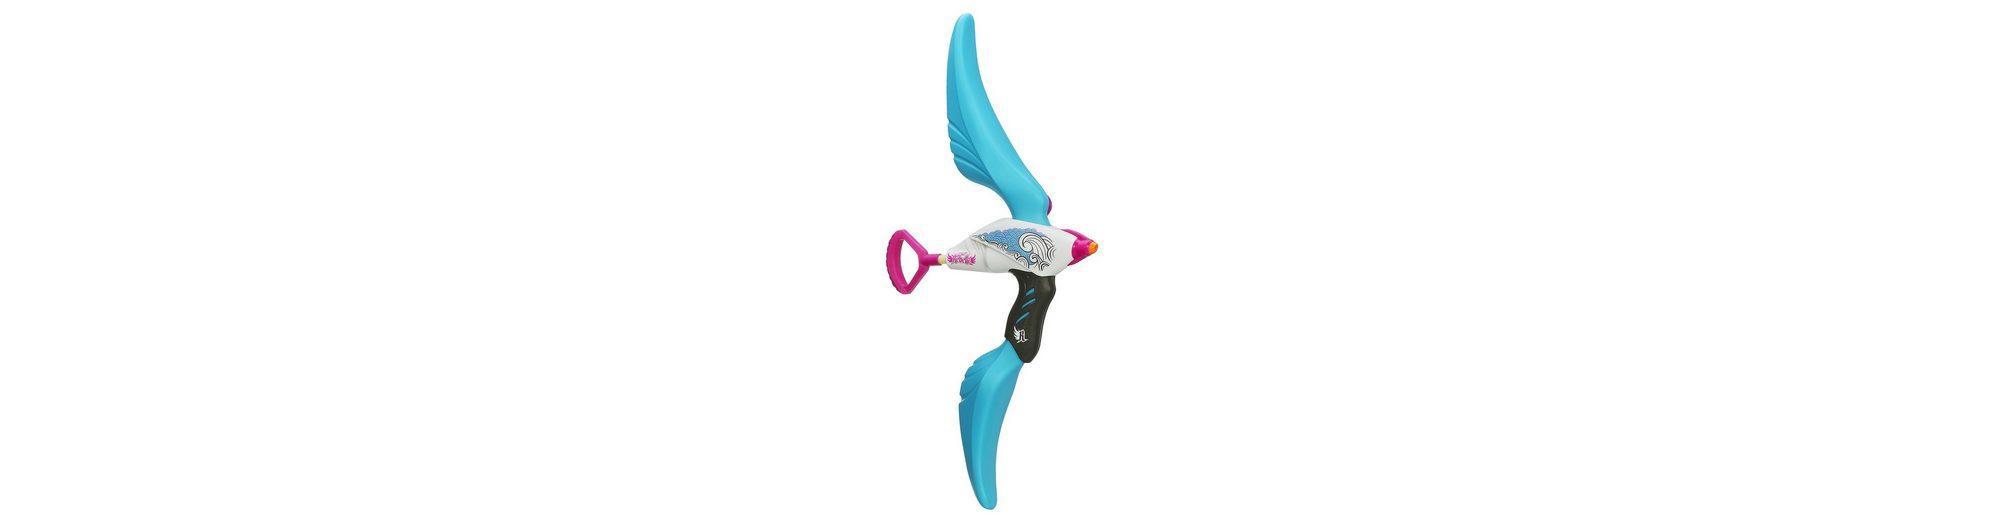 Hasbro Shooter »NERF Rebelle Super Soaker Bow«